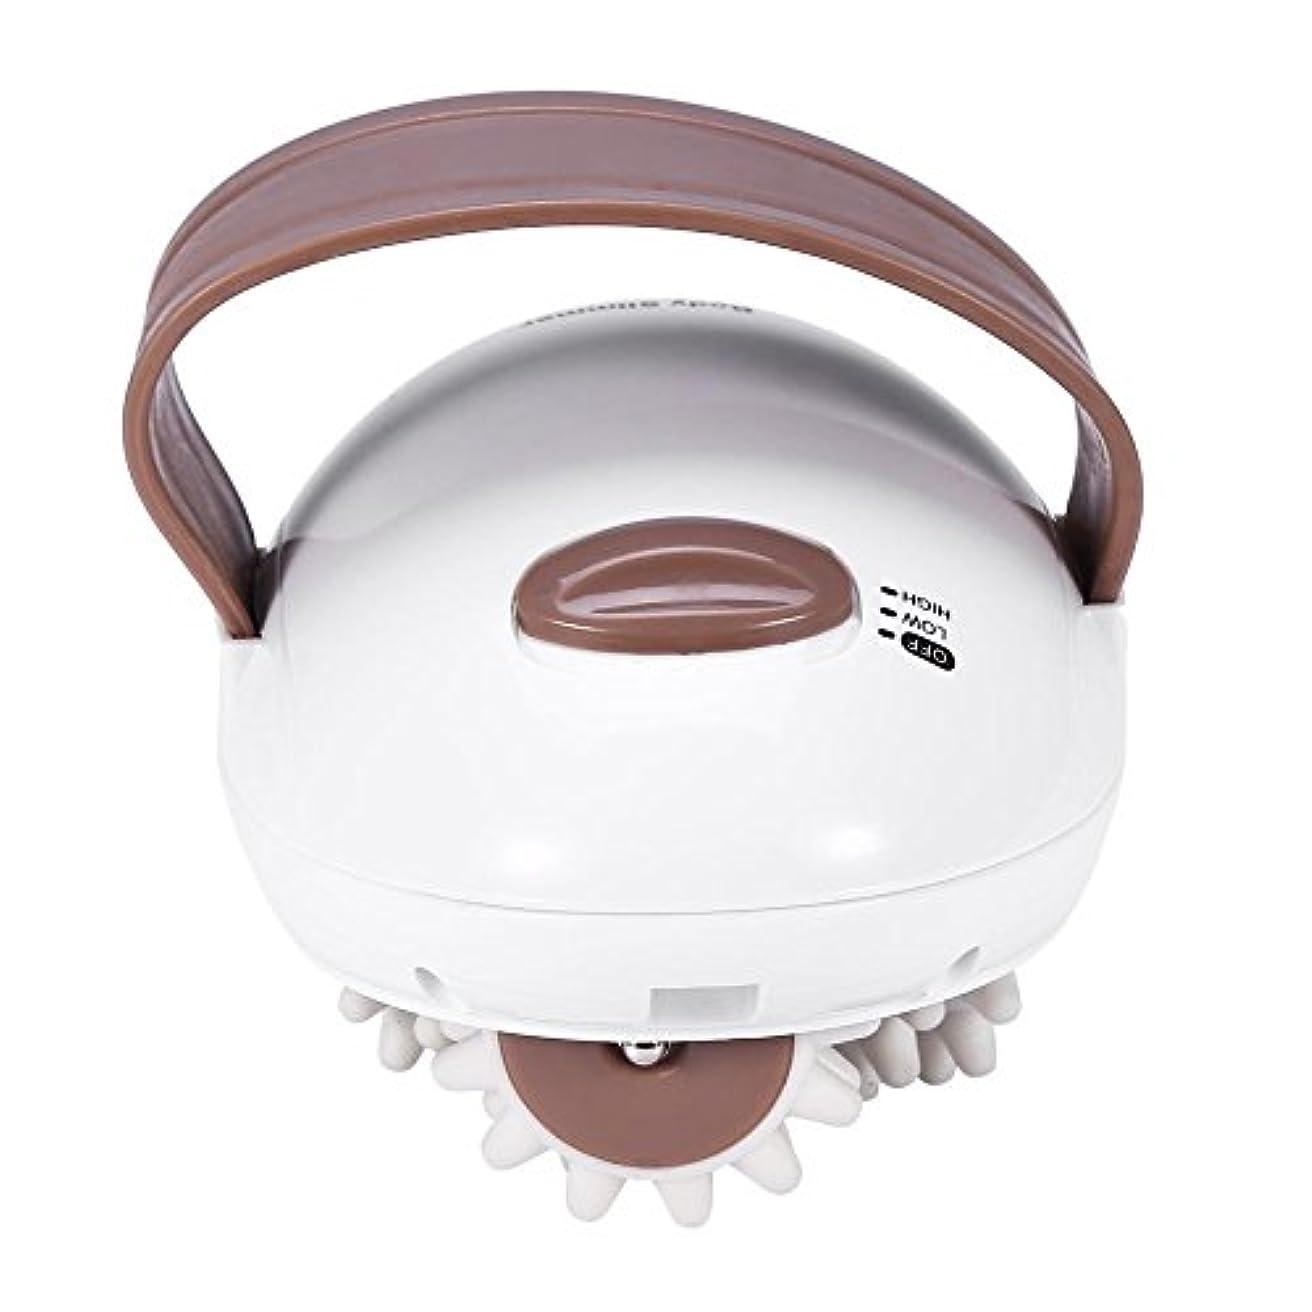 贅沢予想するキュービック3D電動マッサージ完全リラクゼーションボディマッサージ機器(1)